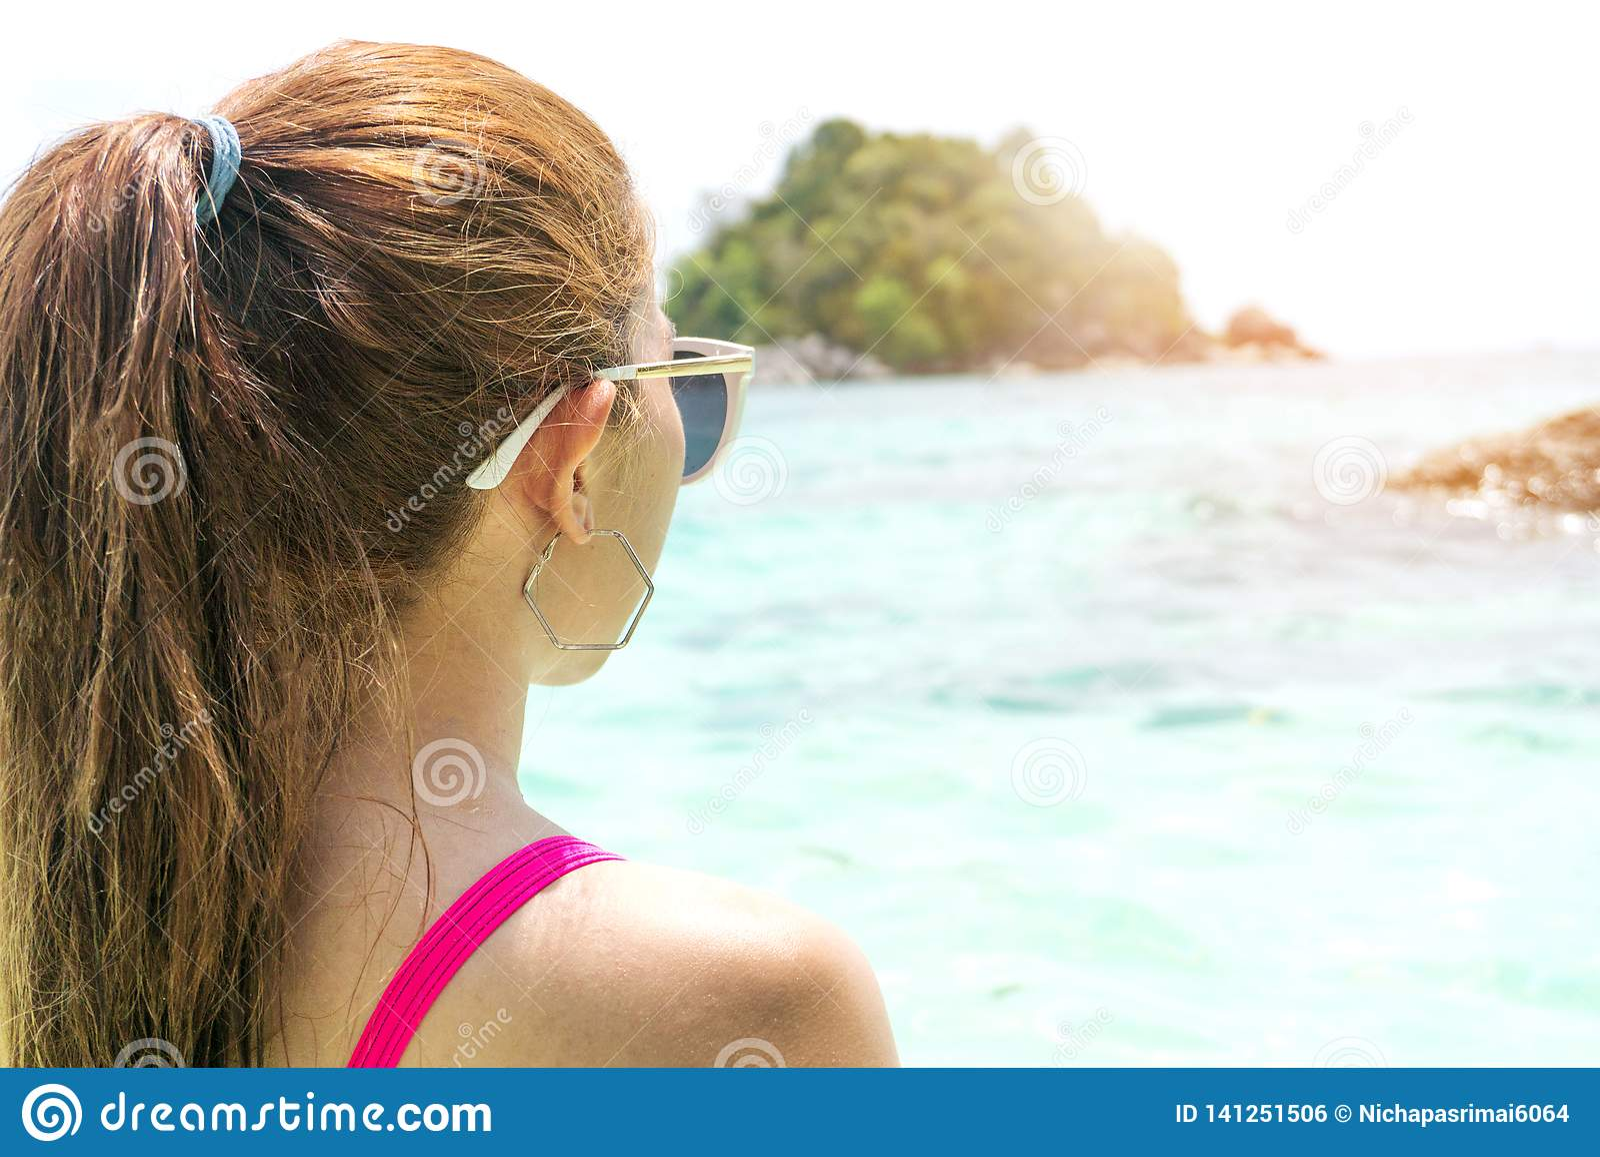 Sommer-Strandurlaub-Frau auf dem Strand in der Freizeit sich entspannen